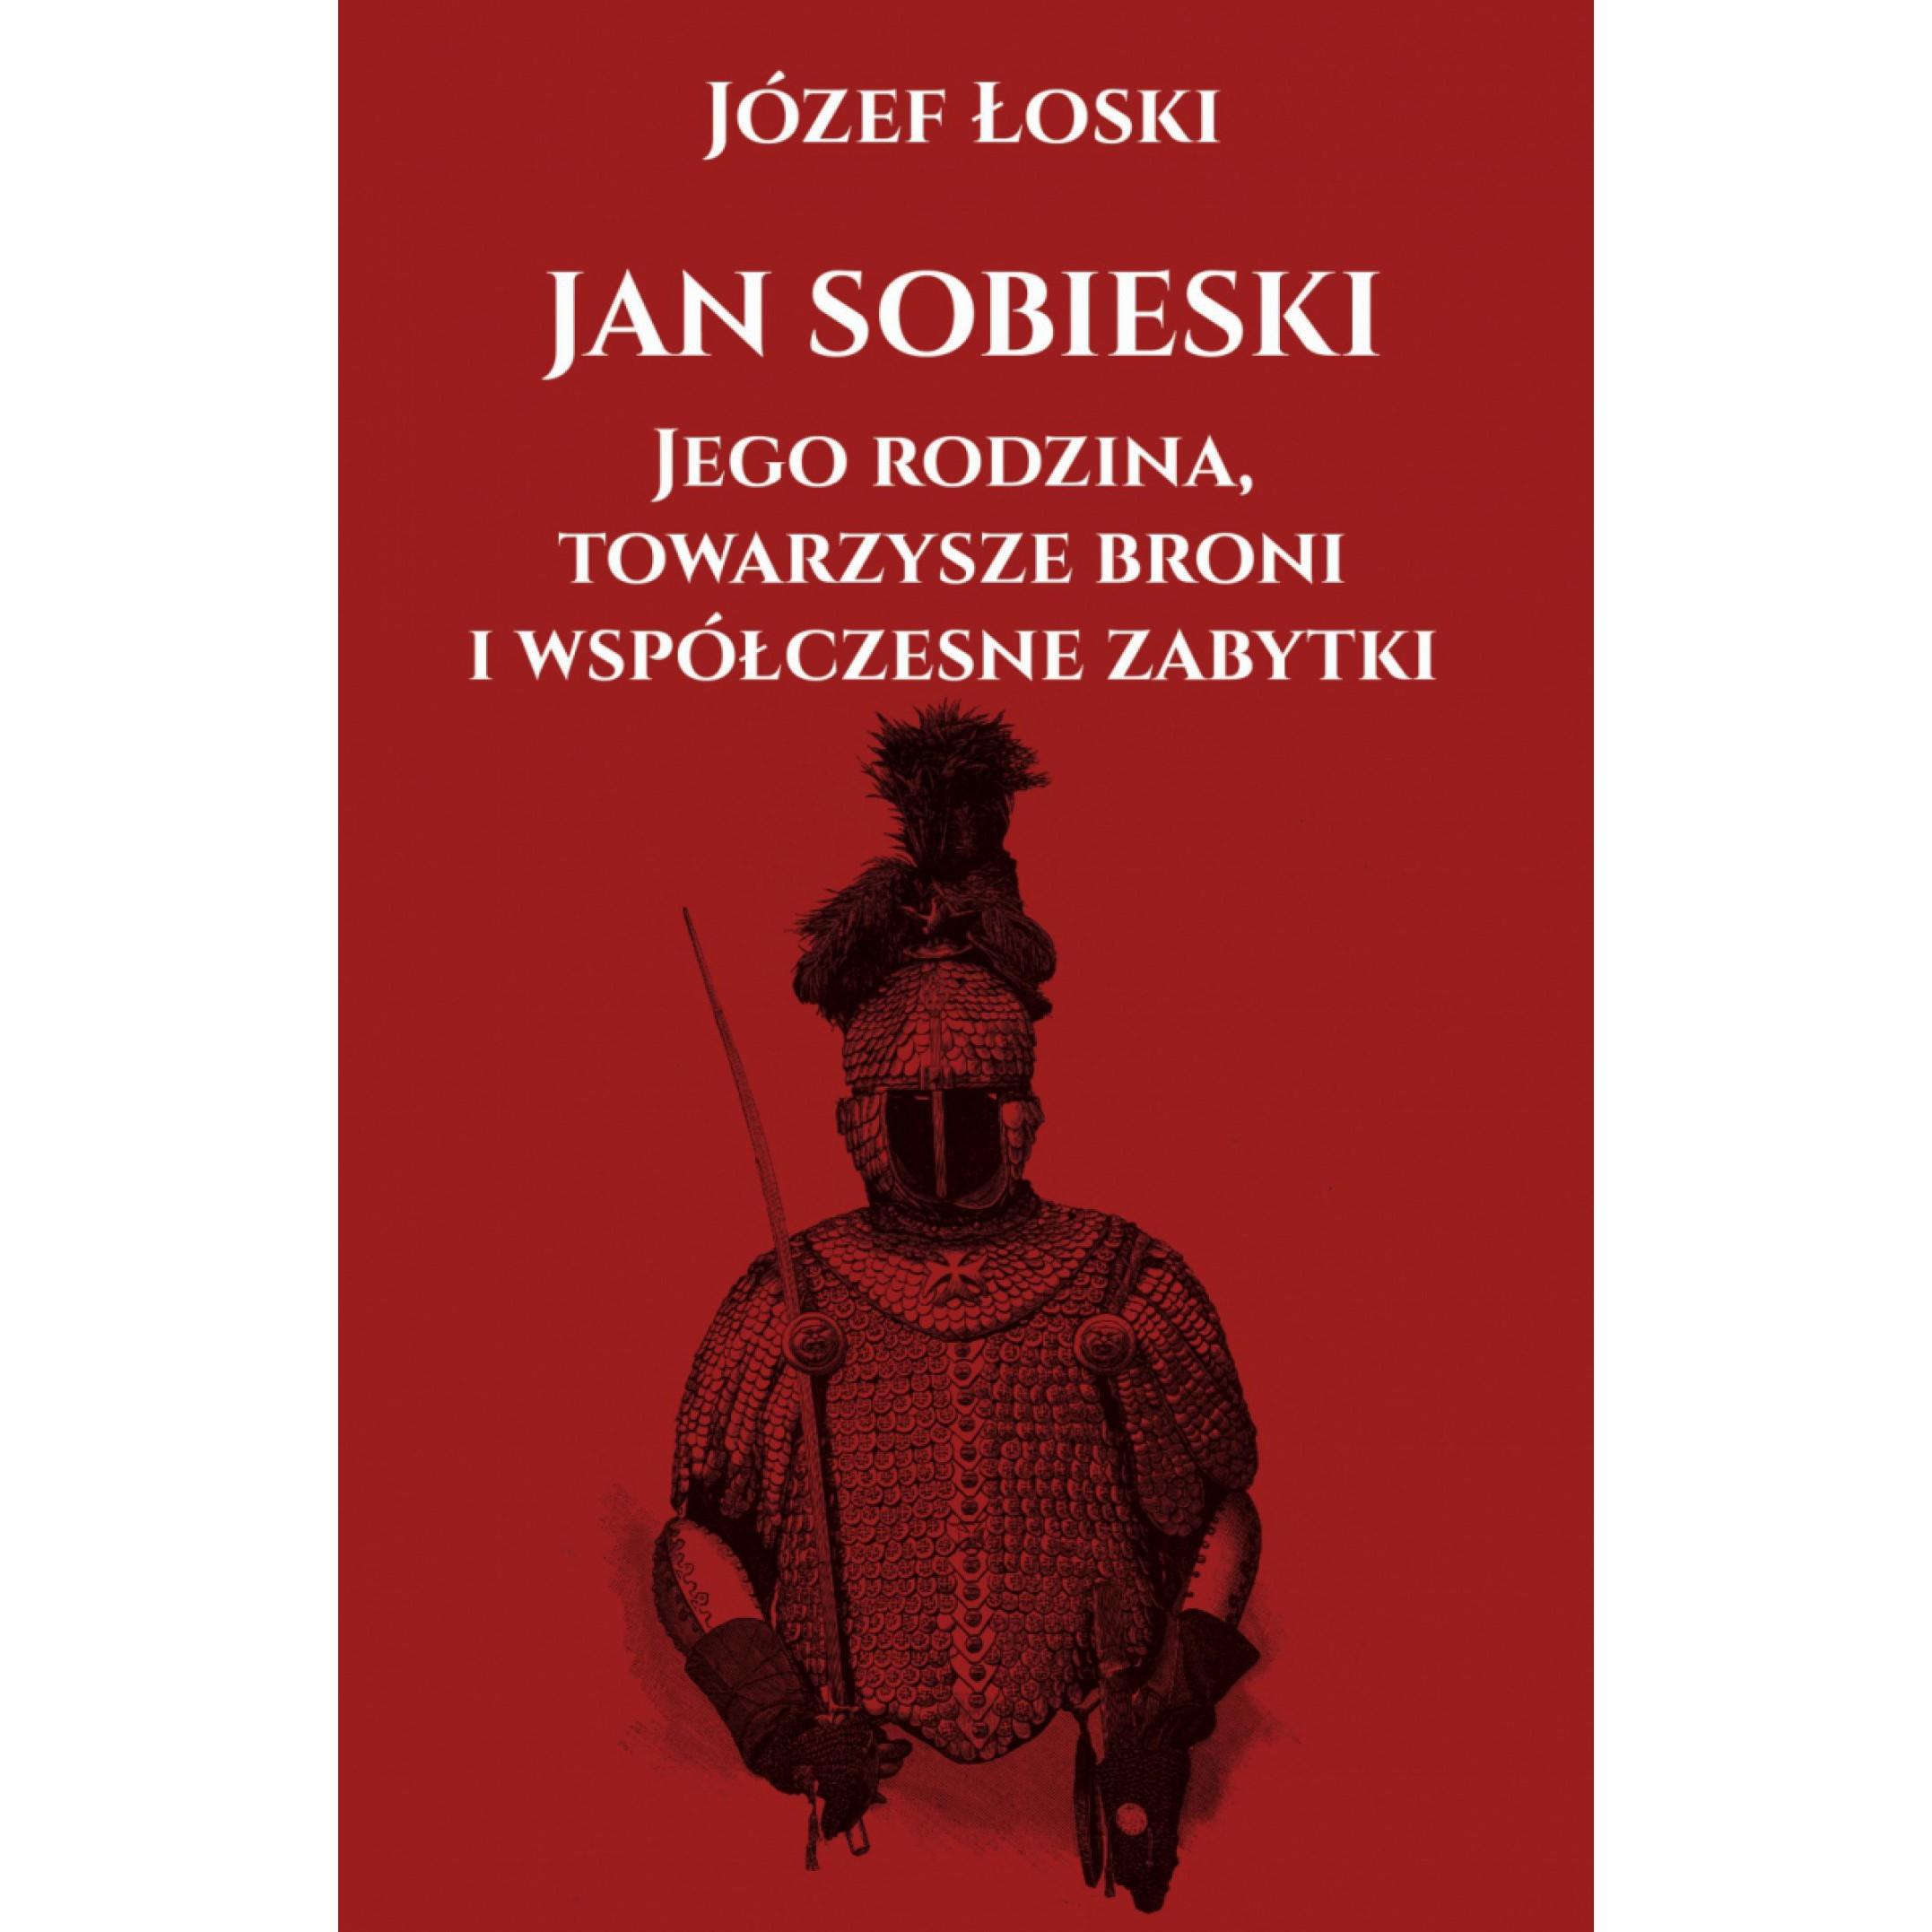 Jan Sobieski, jego rodzina, towarzysze broni i współczesne zabytki